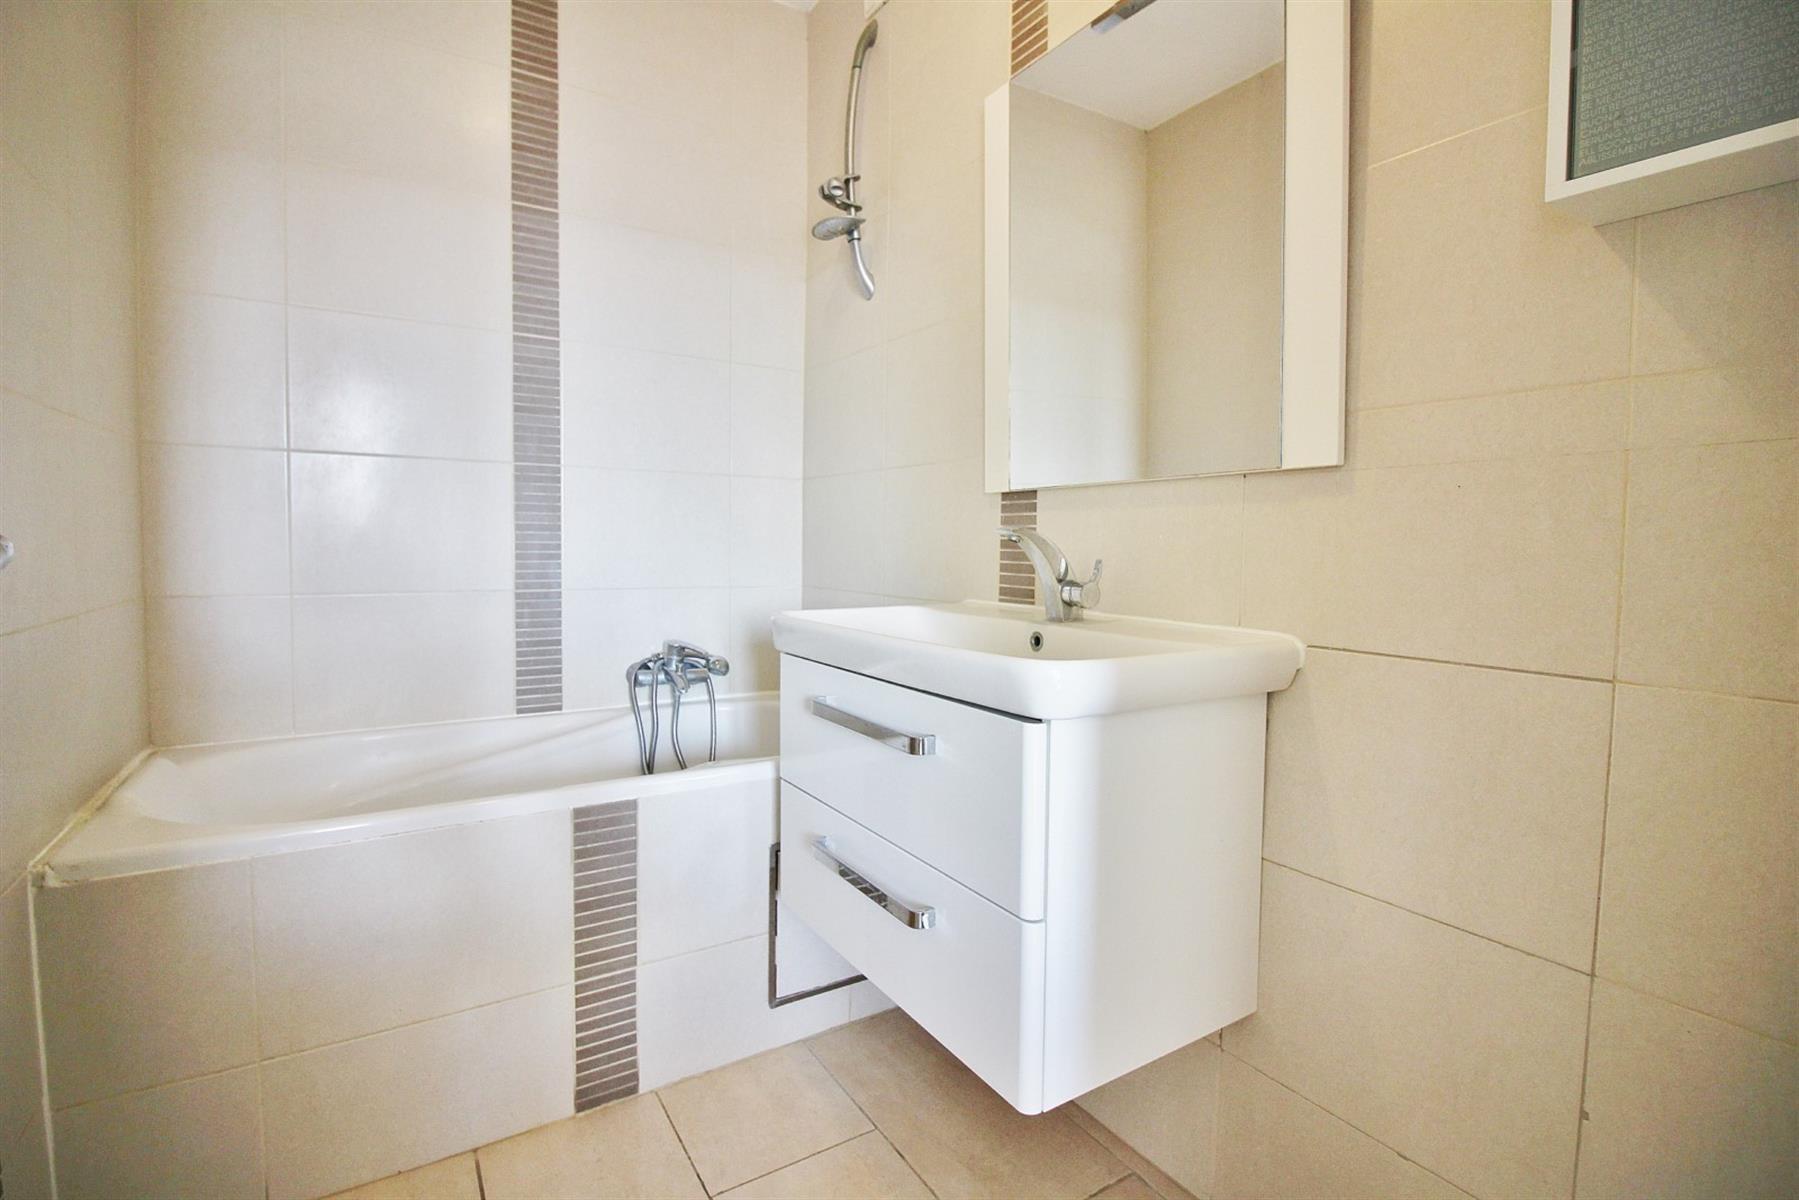 Appartement - Liege - #4394490-9